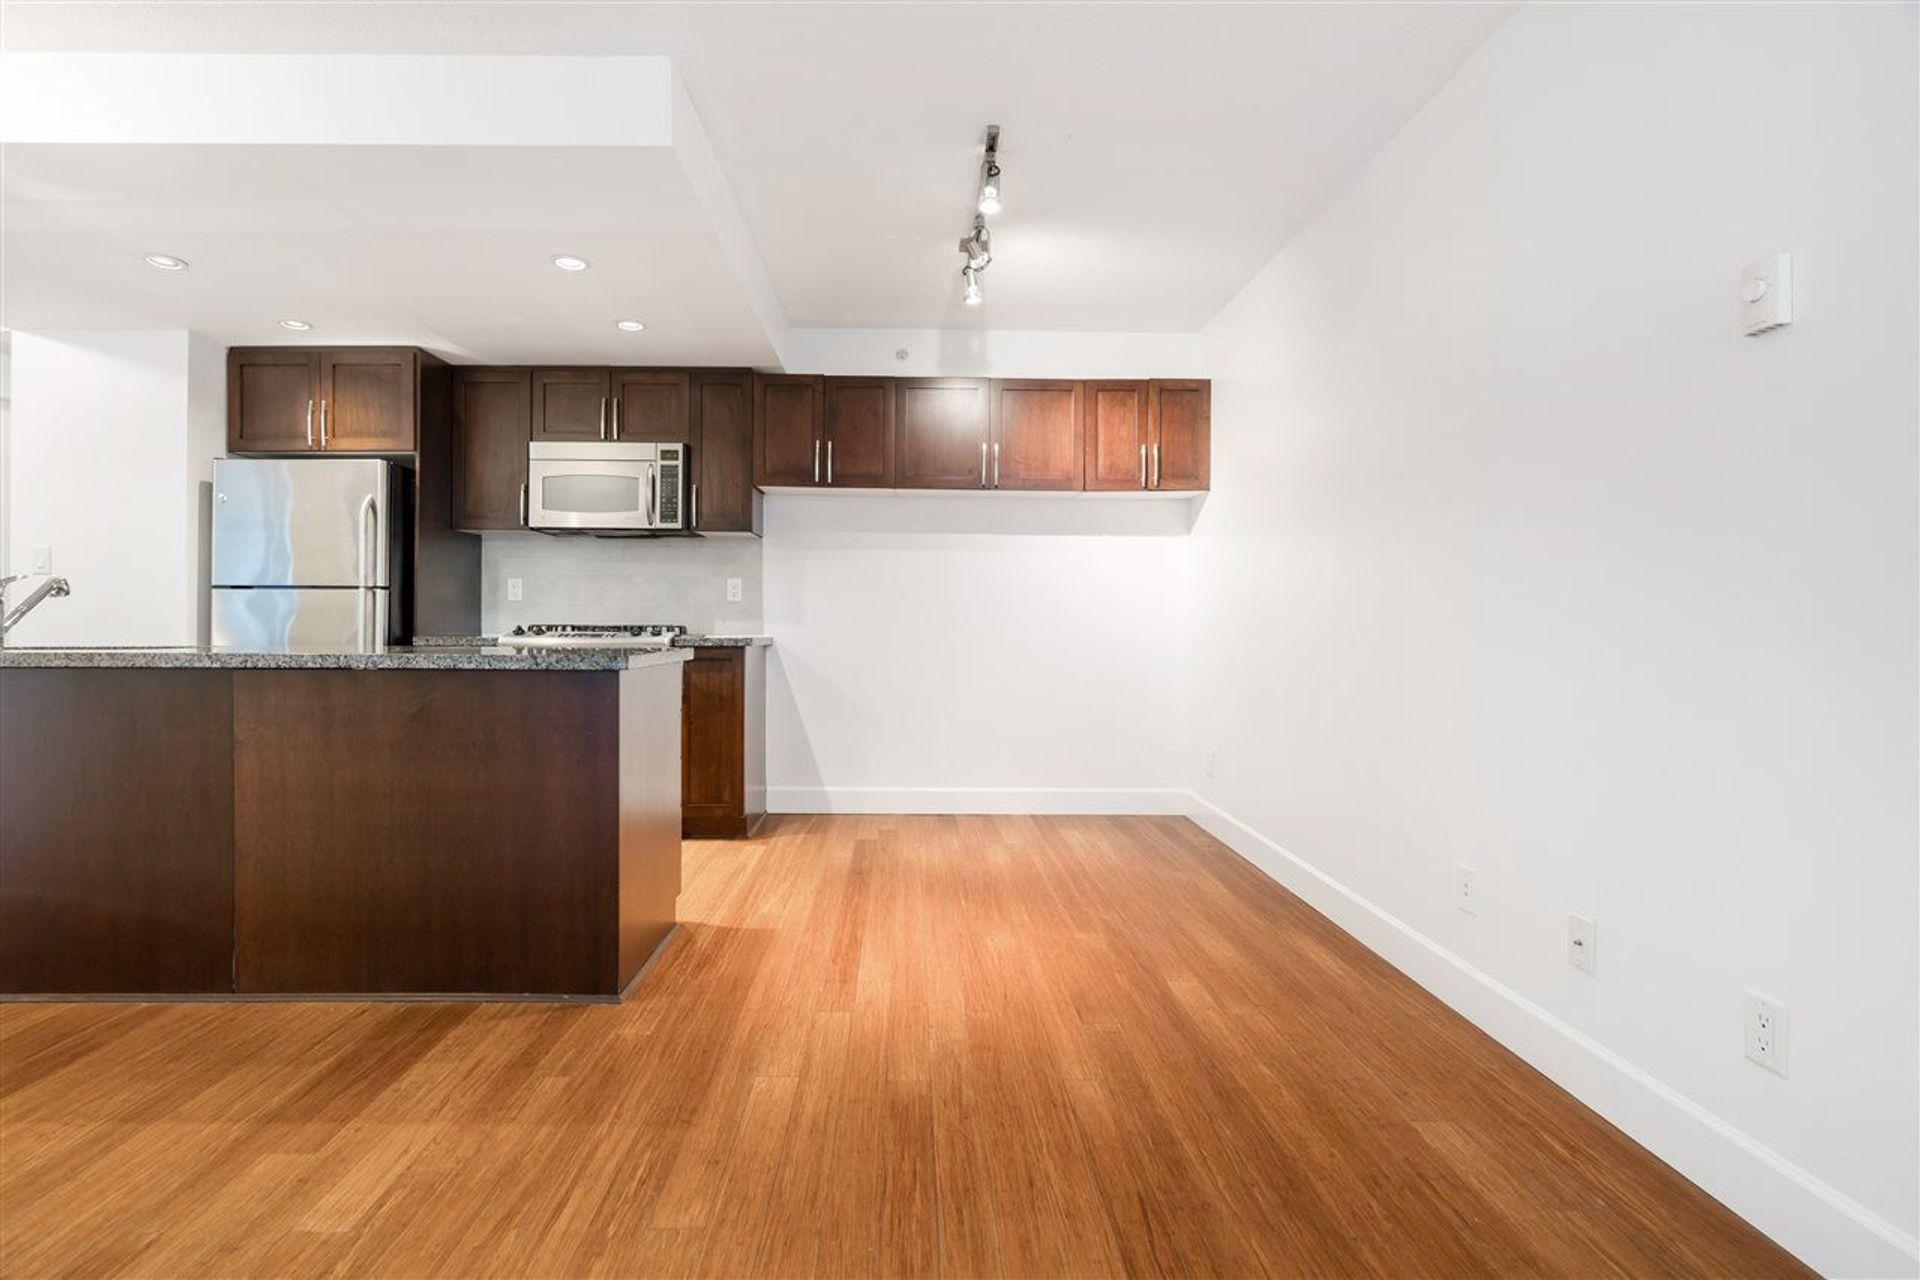 3811-hastings-street-vancouver-heights-burnaby-north-11 at 103 - 3811 Hastings Street, Vancouver Heights, Burnaby North